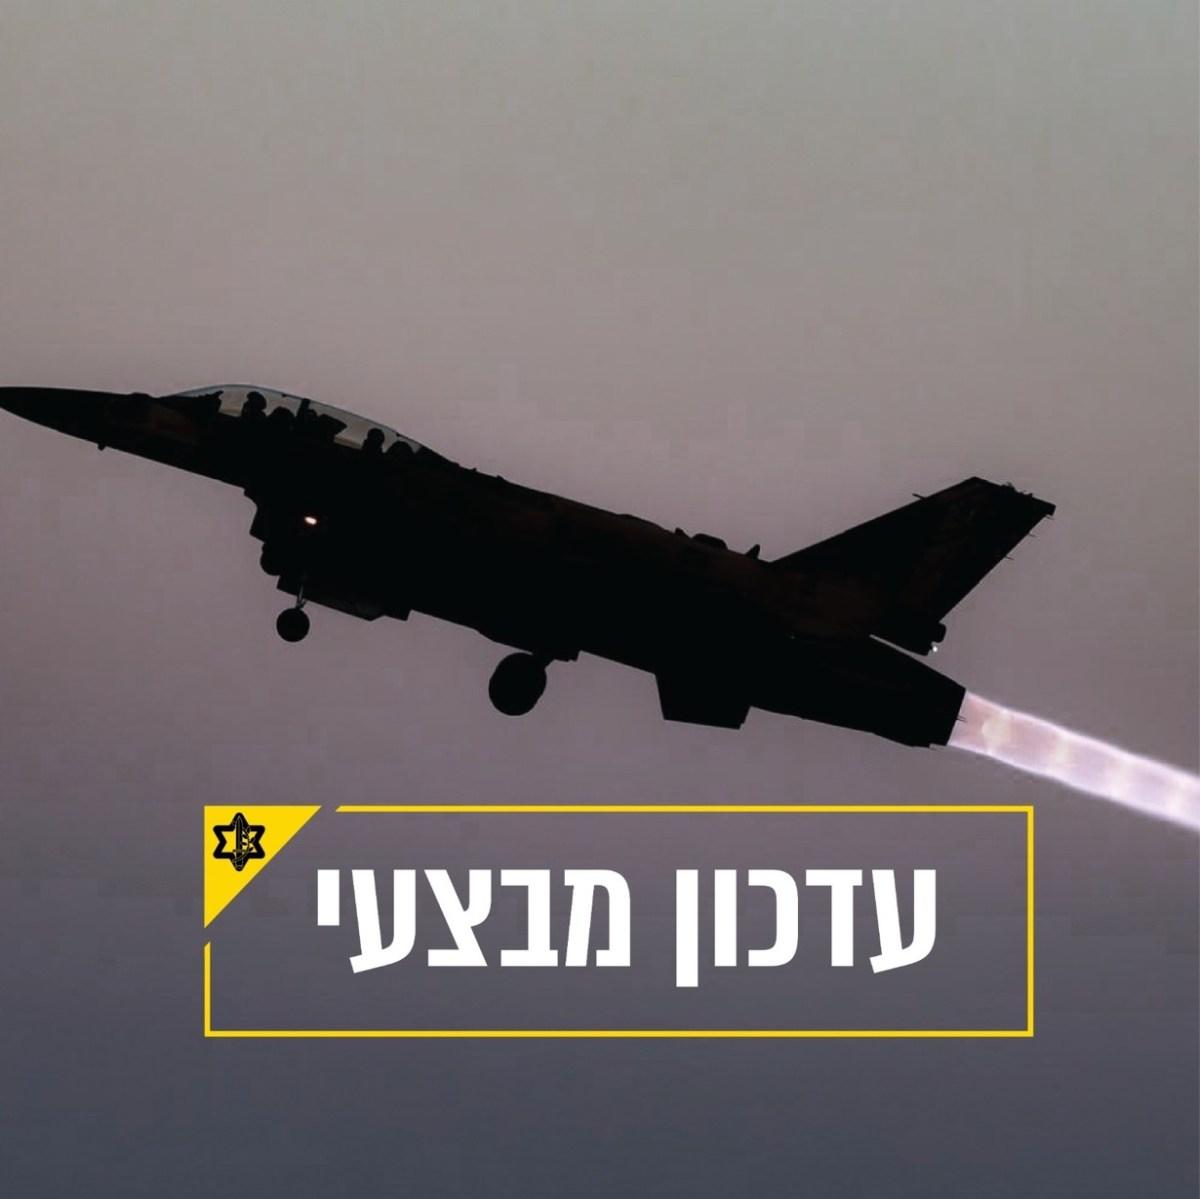 Az izraeli hadsereg légitámadást hajtott végre Szíriában iráni és szír katonai pozíciók ellen